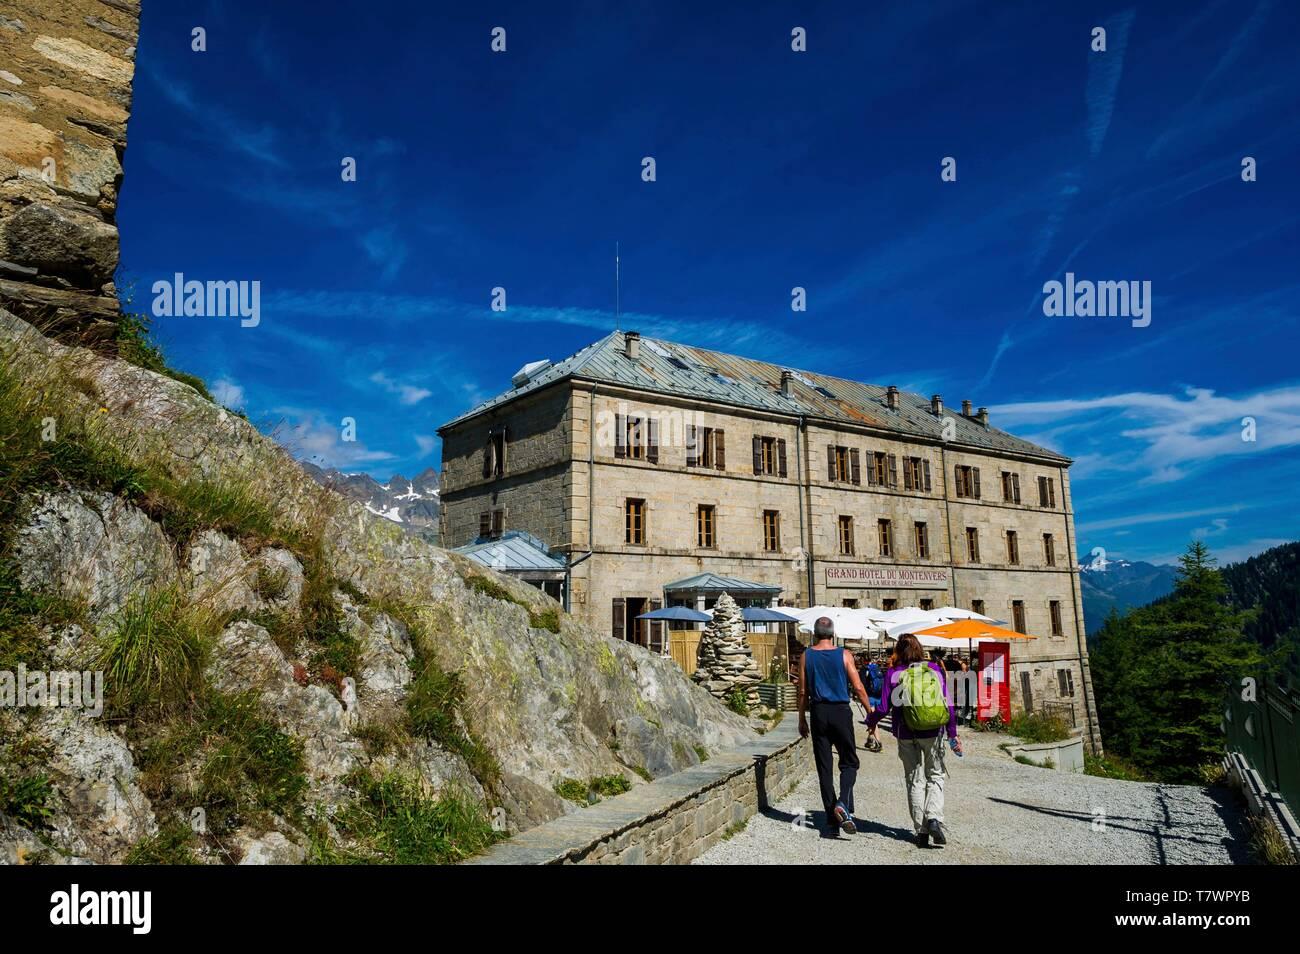 France Chamonix Mont Blanc Haute Savoie Montenvers Station Over The Mer De Glace Grand Hotel Du Montenvers Stock Photo Alamy